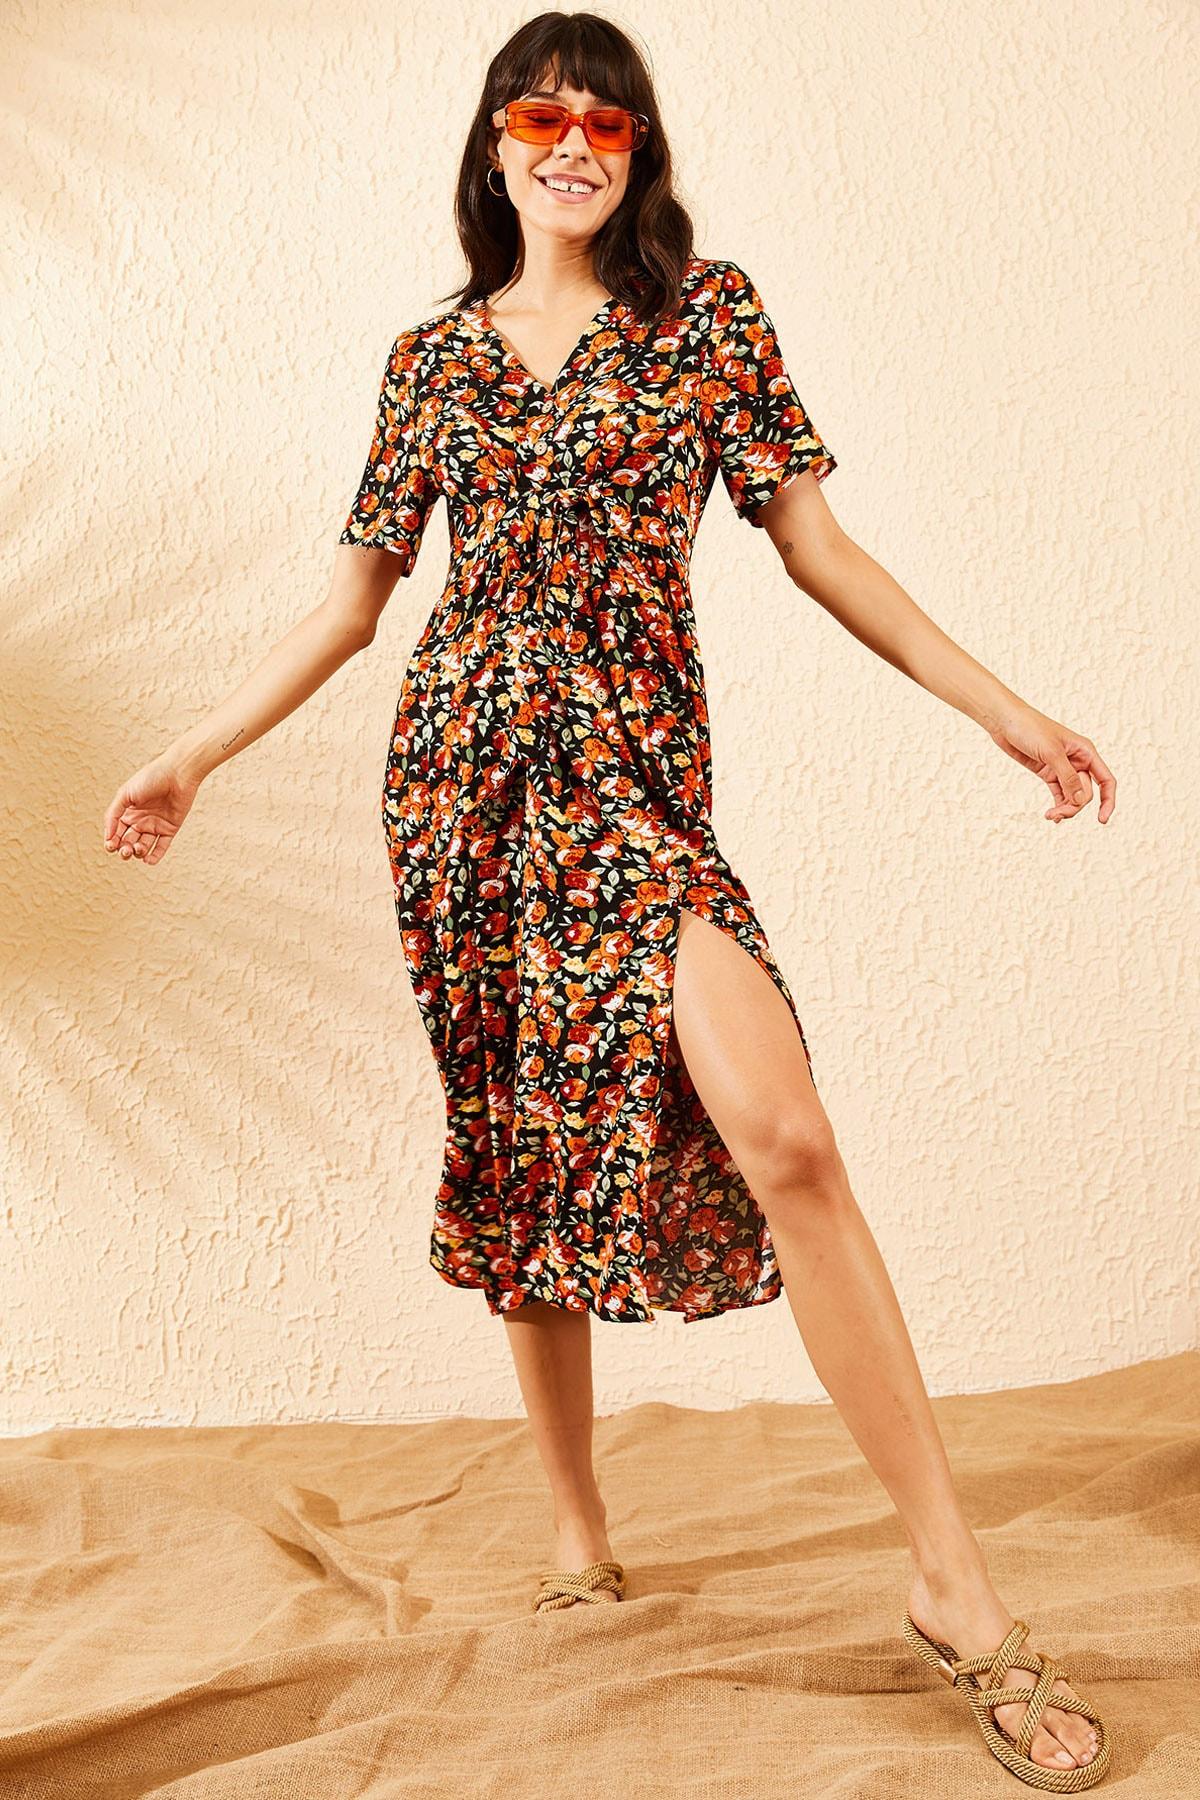 Bianco Lucci Kadın Turuncu Çiçek Desenli Beli Kuşaklı Düğmeli Rahat Elbise 10091009 1